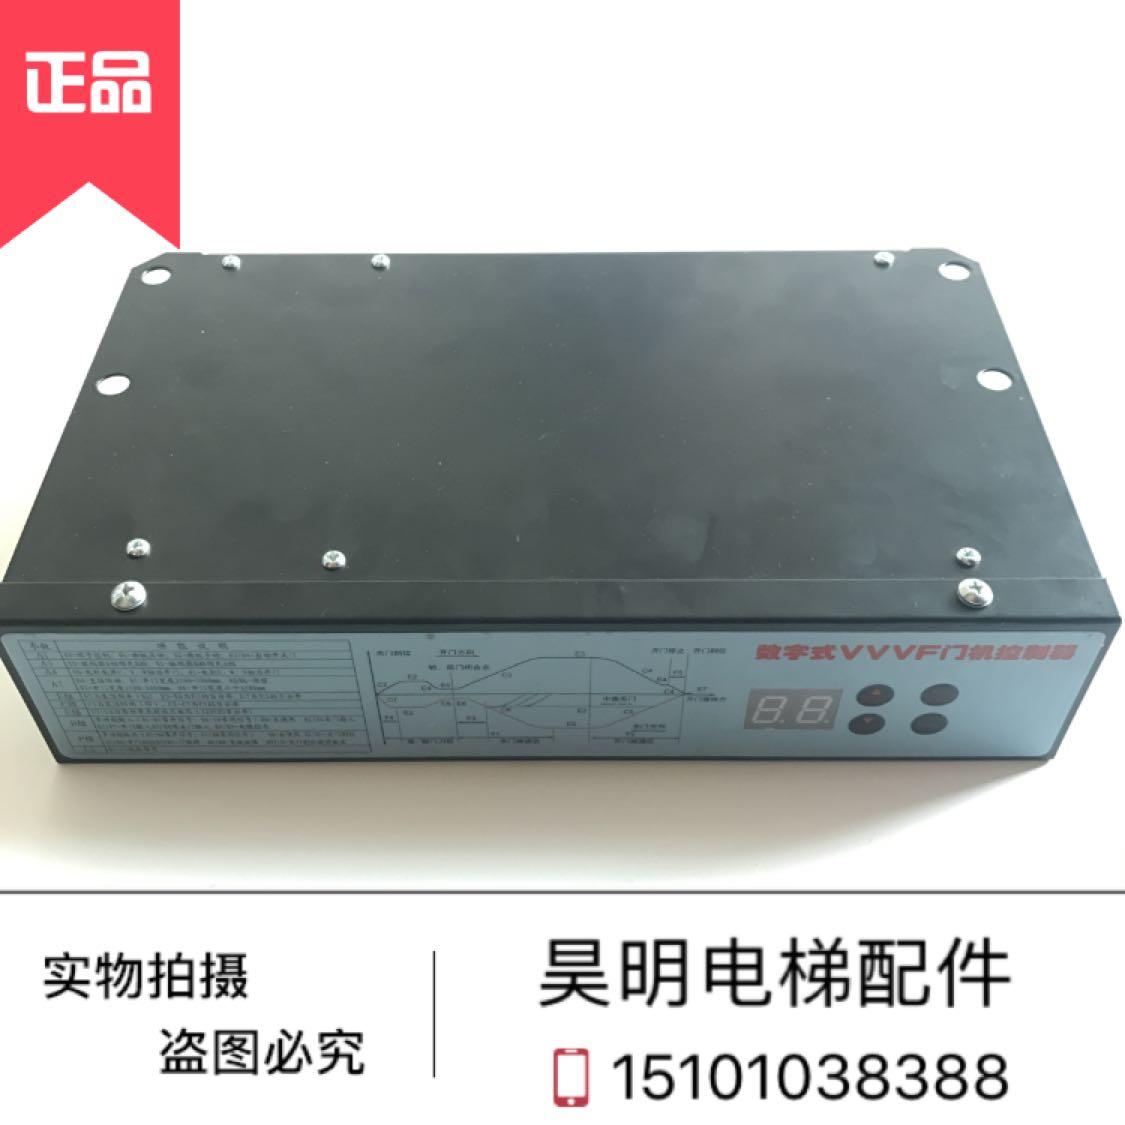 Выставка пэн ворота машинально преобразование частот устройство /VVVF/VVVF ворота машинально контролер /FE-D3000-A-G1-V/ электричество лестница монтаж